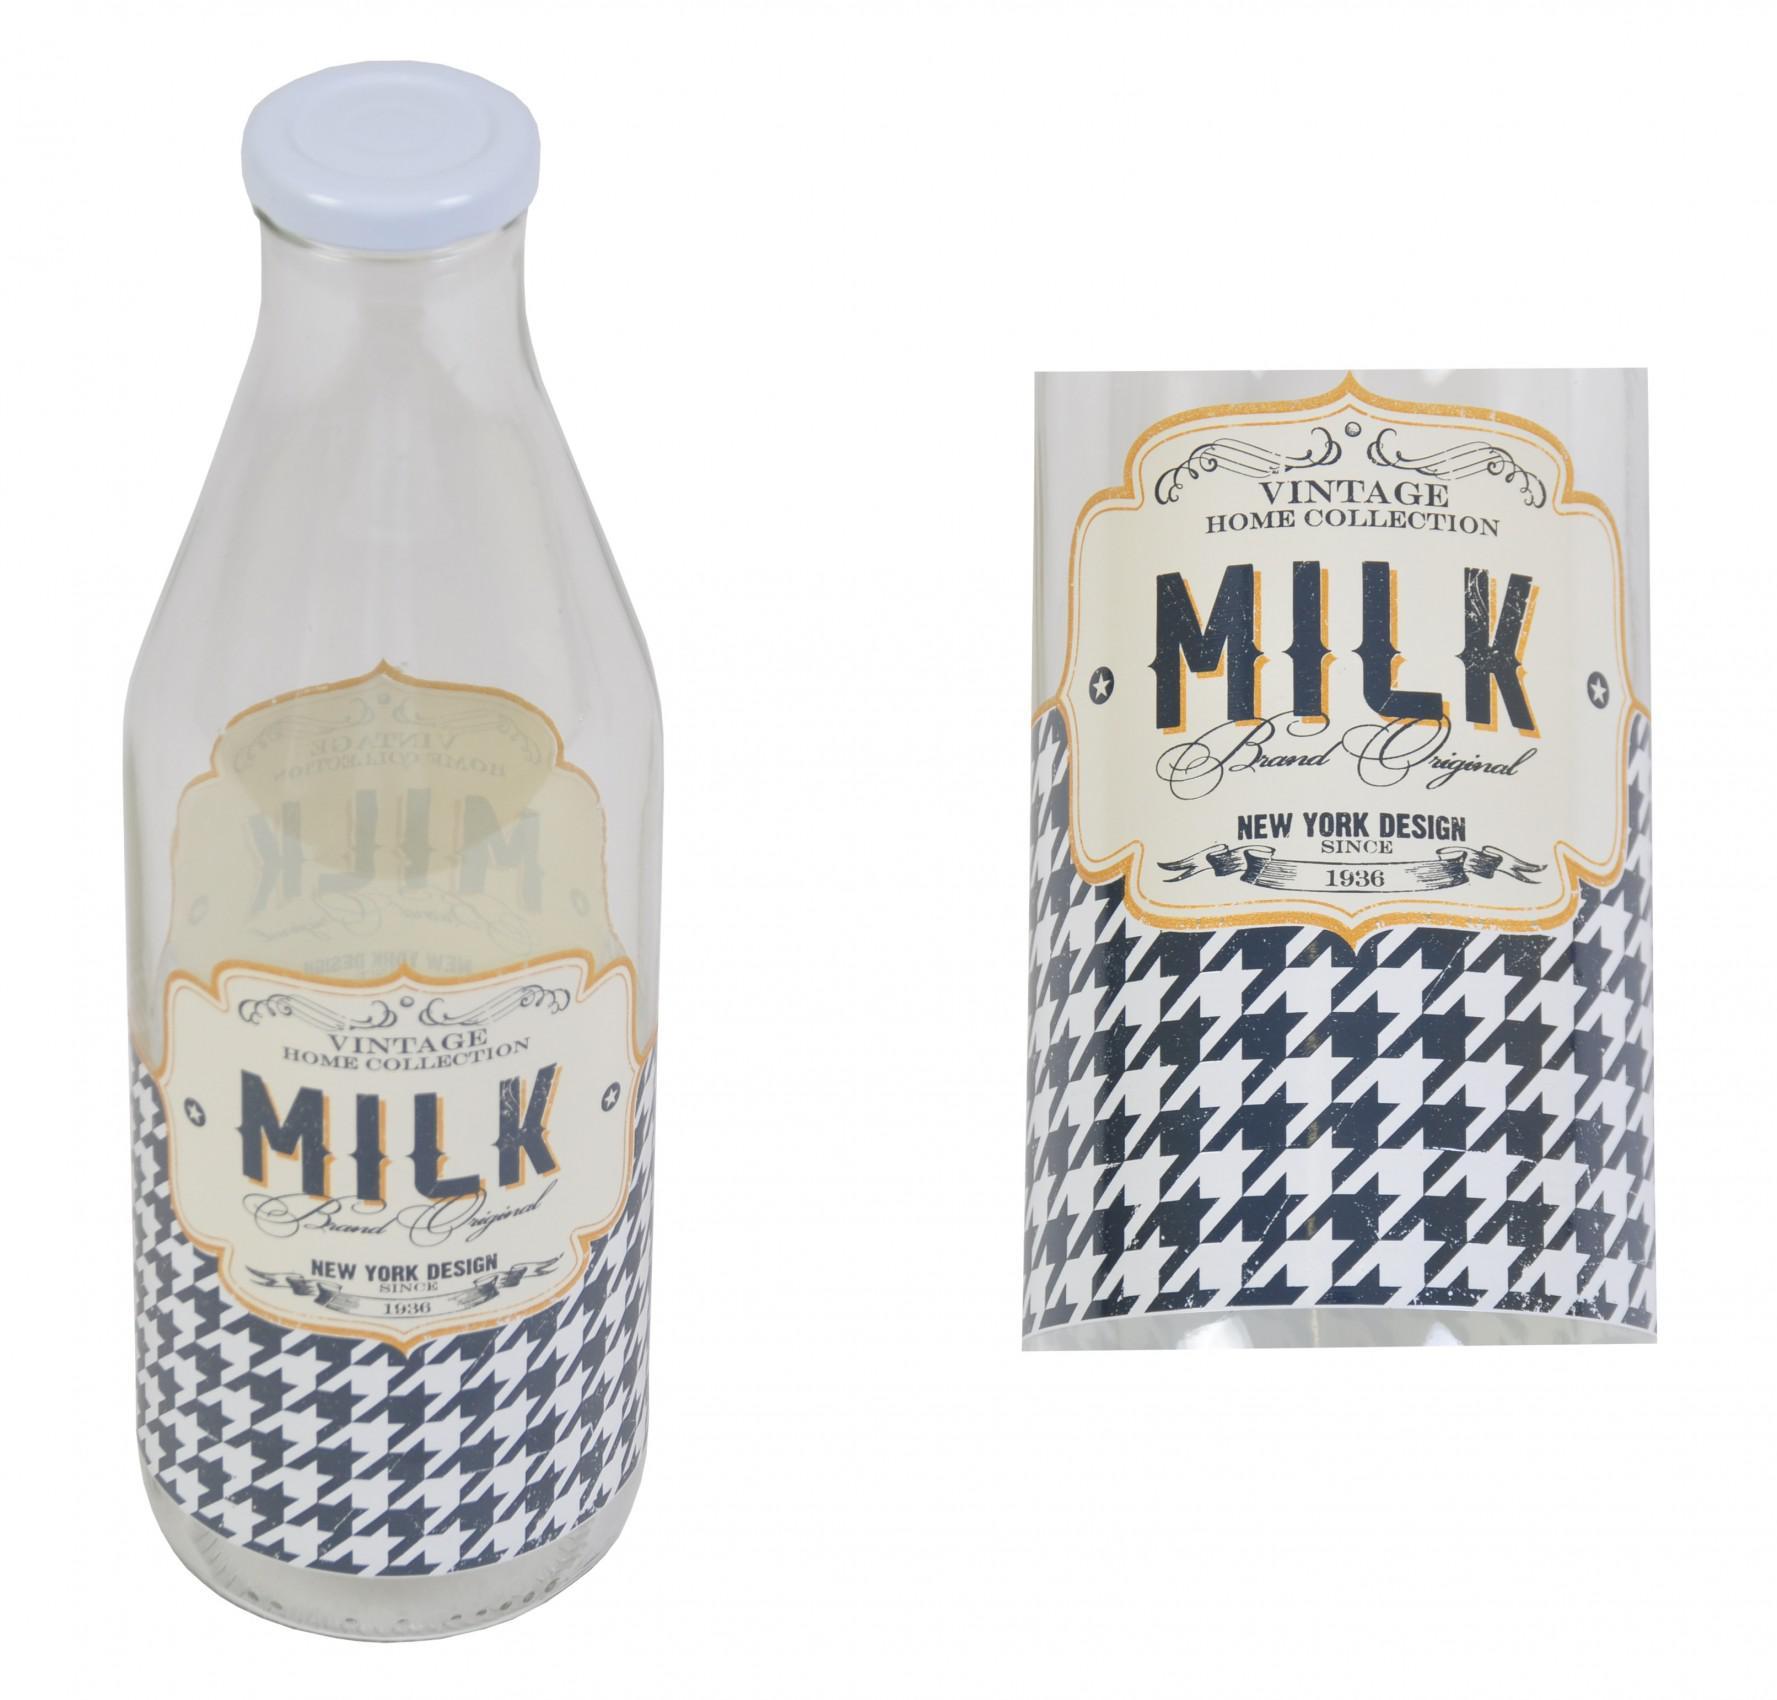 milchflasche 1 liter retro milk m metalldeckel milch glasflasche vintage flasche kaufen bei. Black Bedroom Furniture Sets. Home Design Ideas